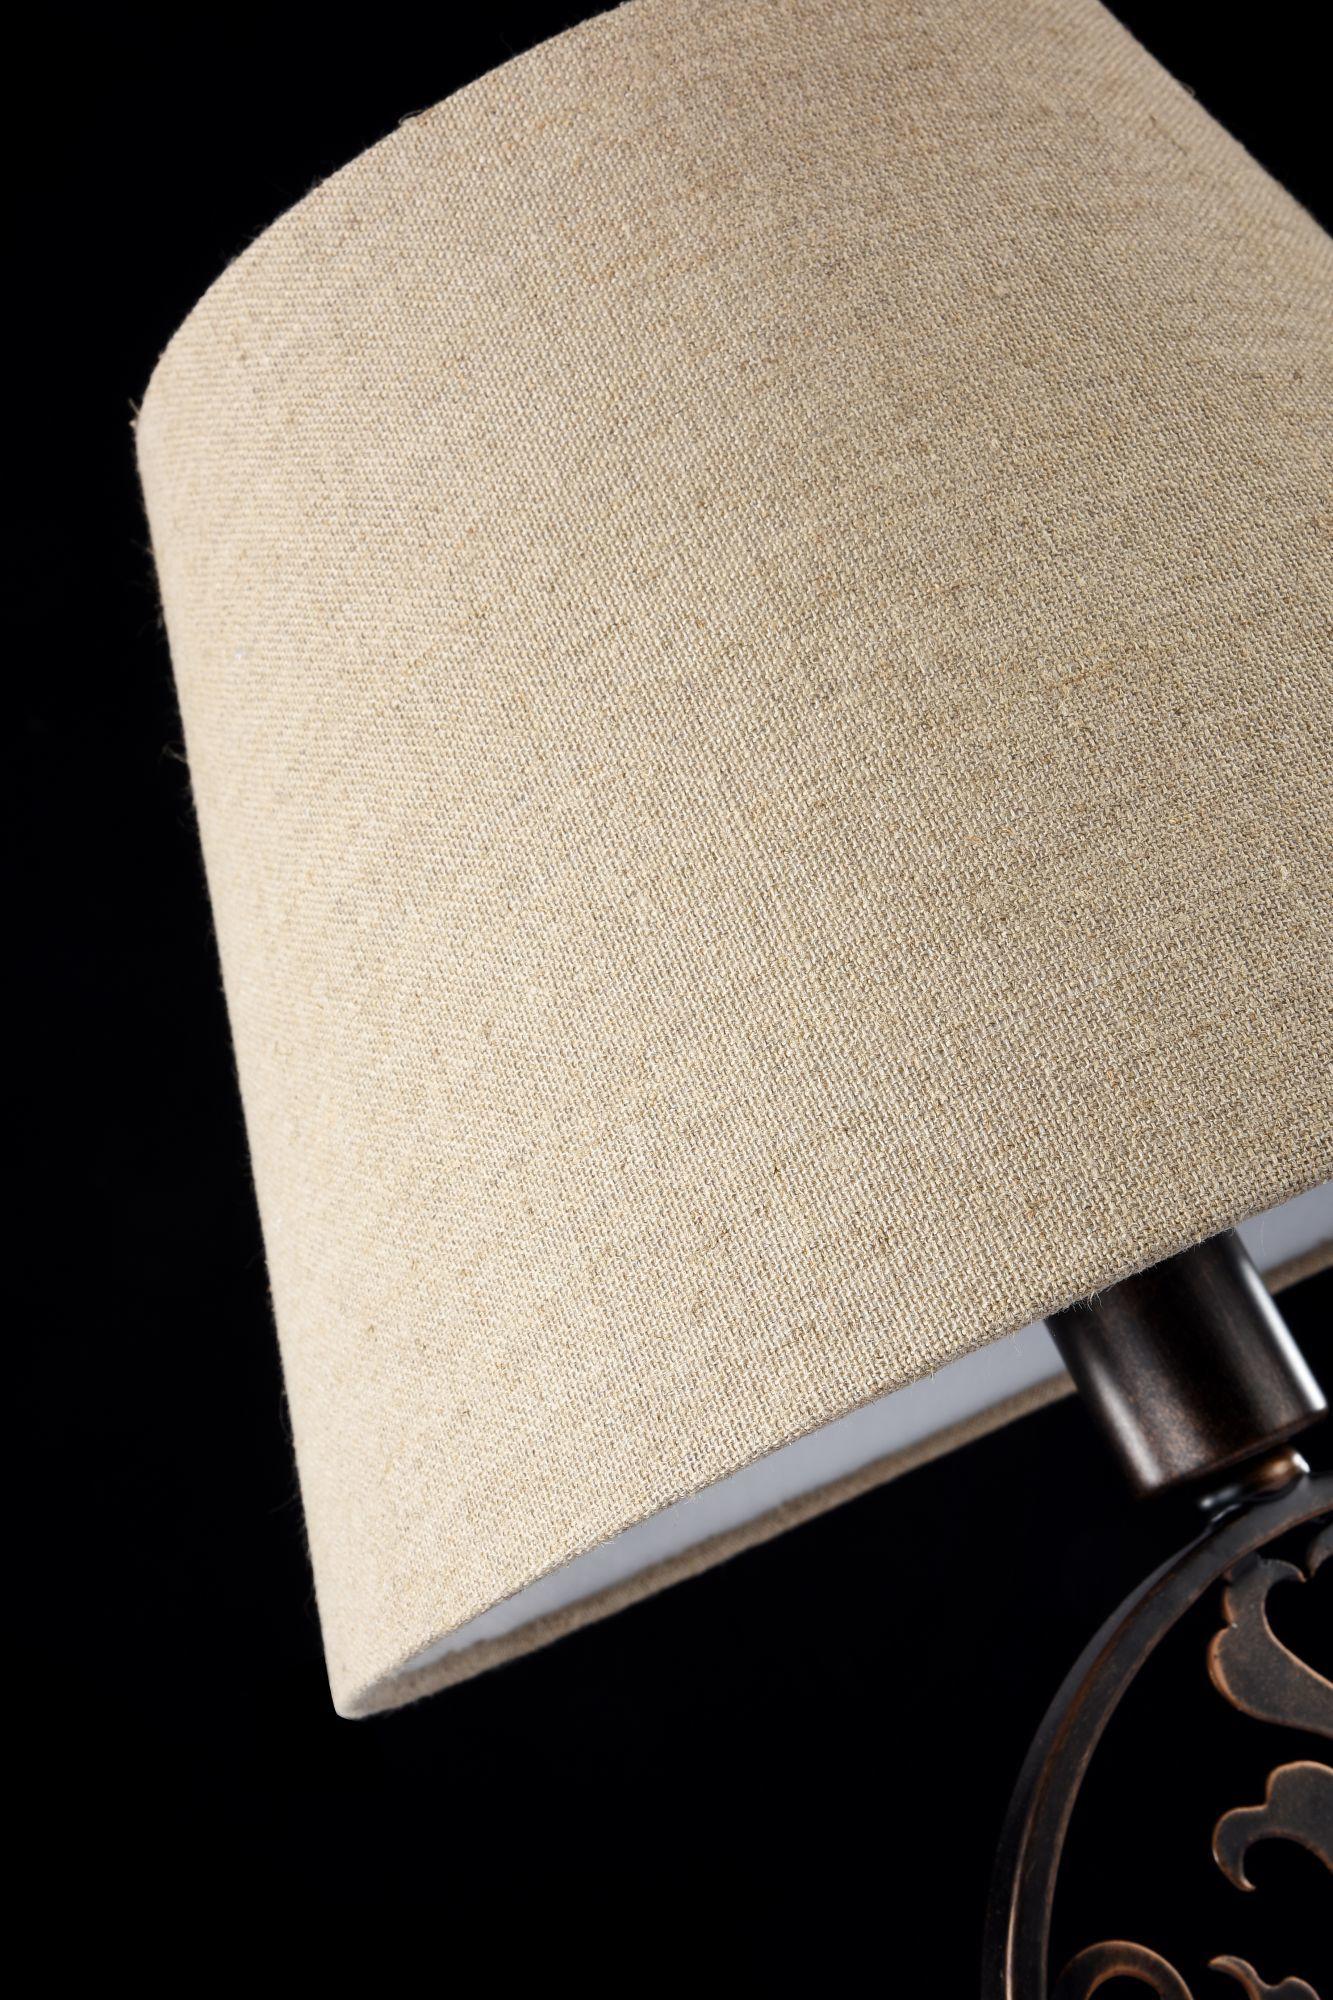 Настольная лампа Maytoni Rustika H899-22-R, 1xE27x40W, коричневый, бежевый, металл, ковка, текстиль - фото 6